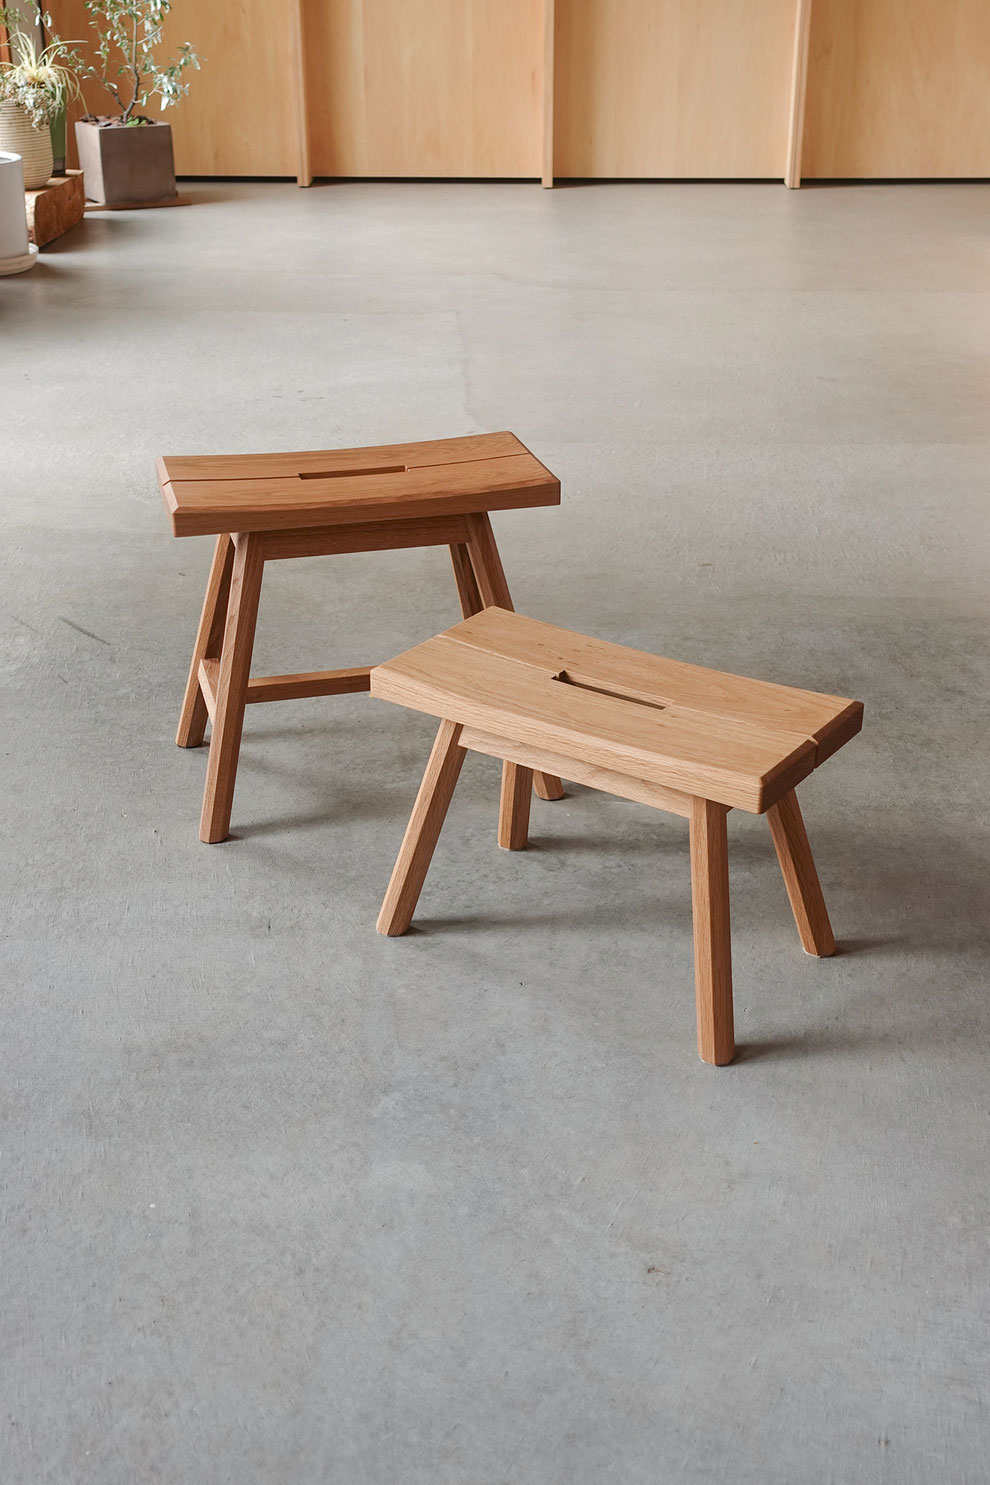 仙台 秋保 無垢材 家具 オーダー家具 椅子 スツール 手仕事